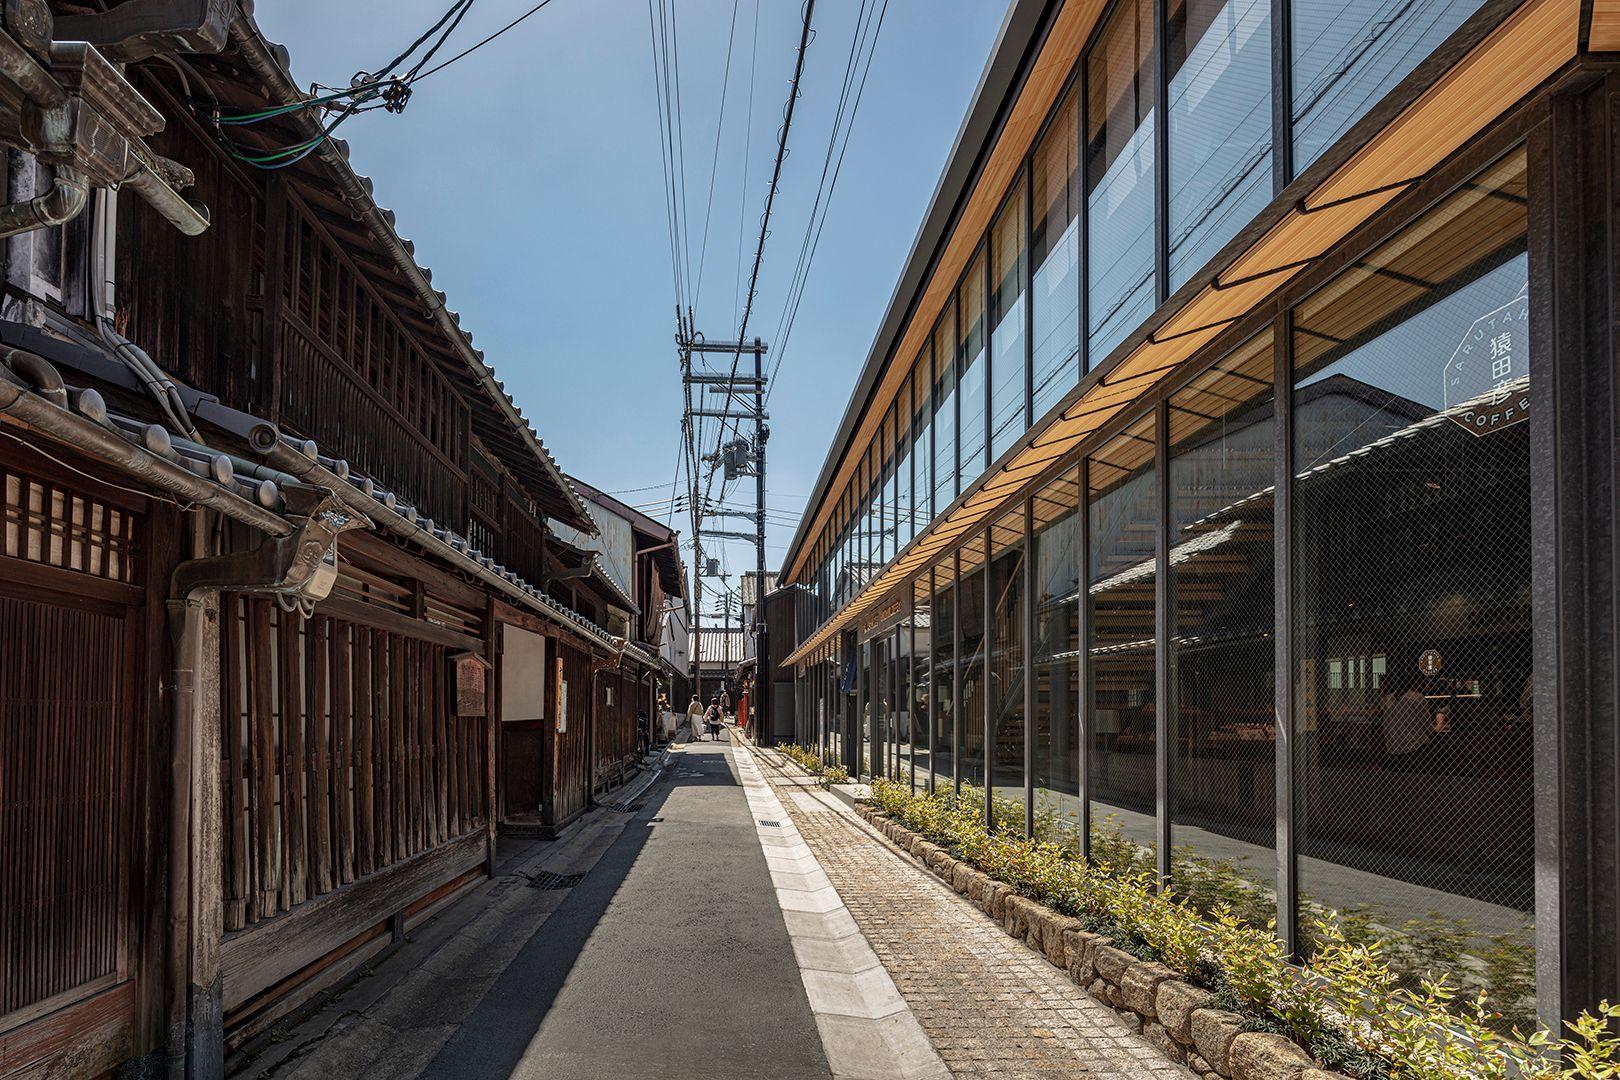 「ならまち」の風景に溶け込む「鹿猿狐ビルヂング」。開放的なガラス窓から見渡せる奈良の街並みも心地よい。